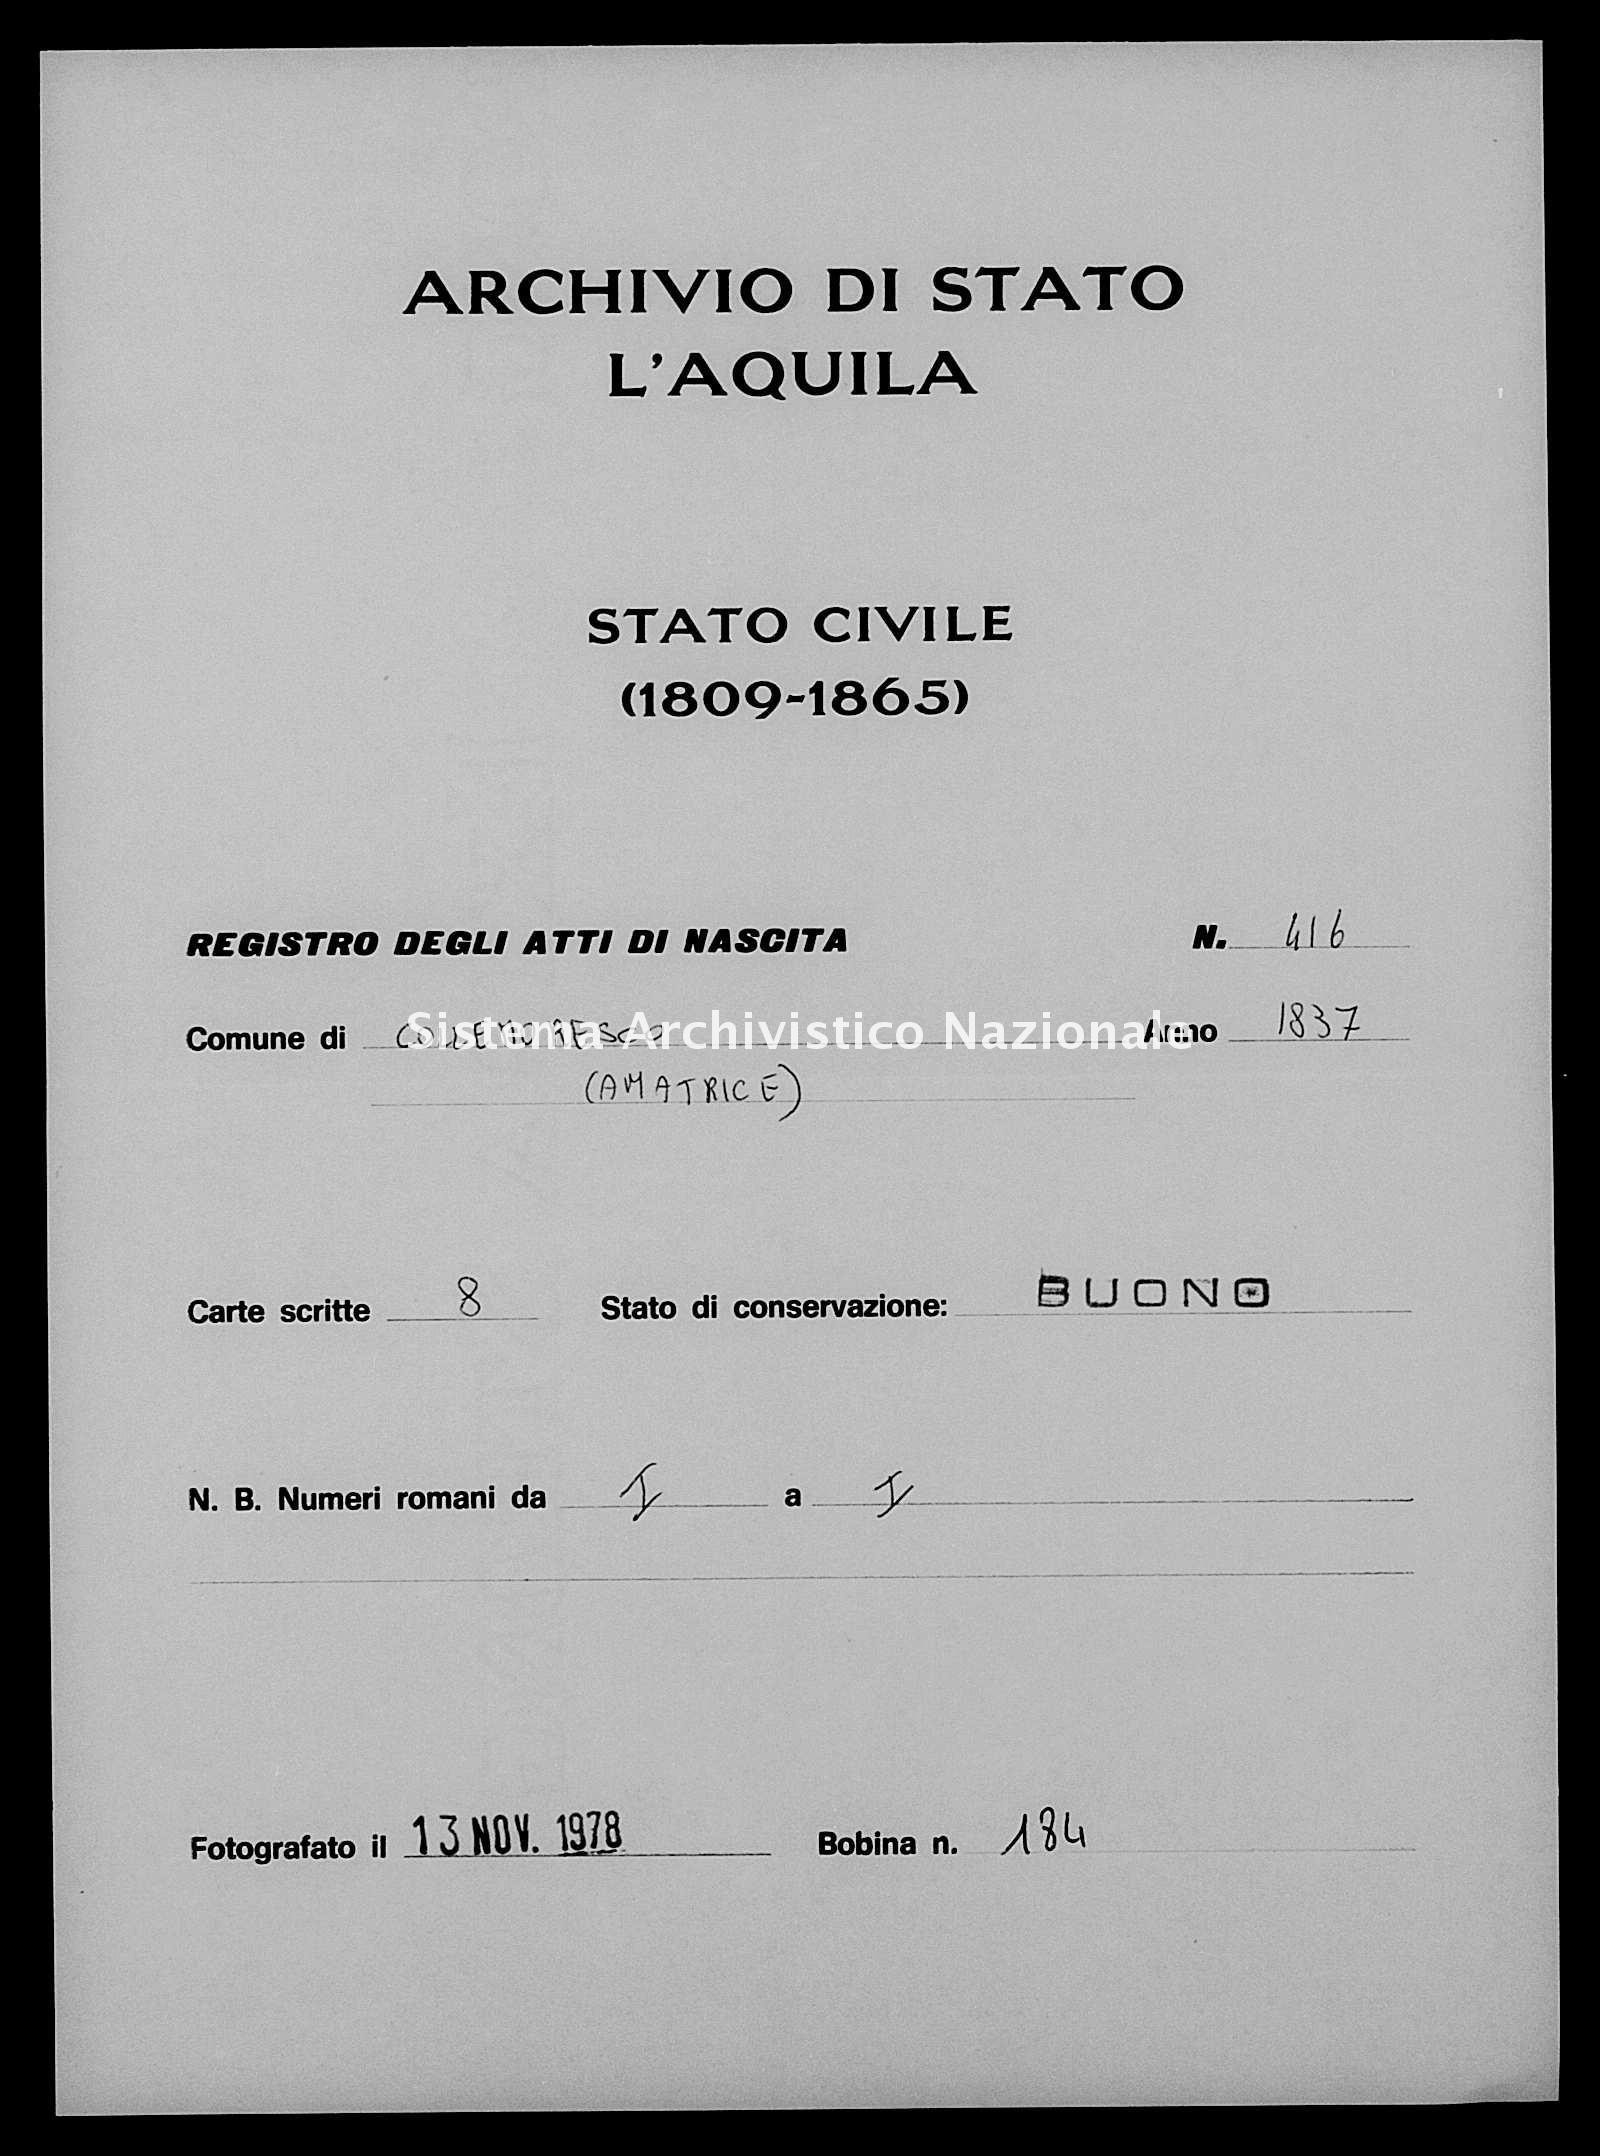 Archivio di stato di L'aquila - Stato civile della restaurazione - Collemoresco - Nati - 1837 - 416 -